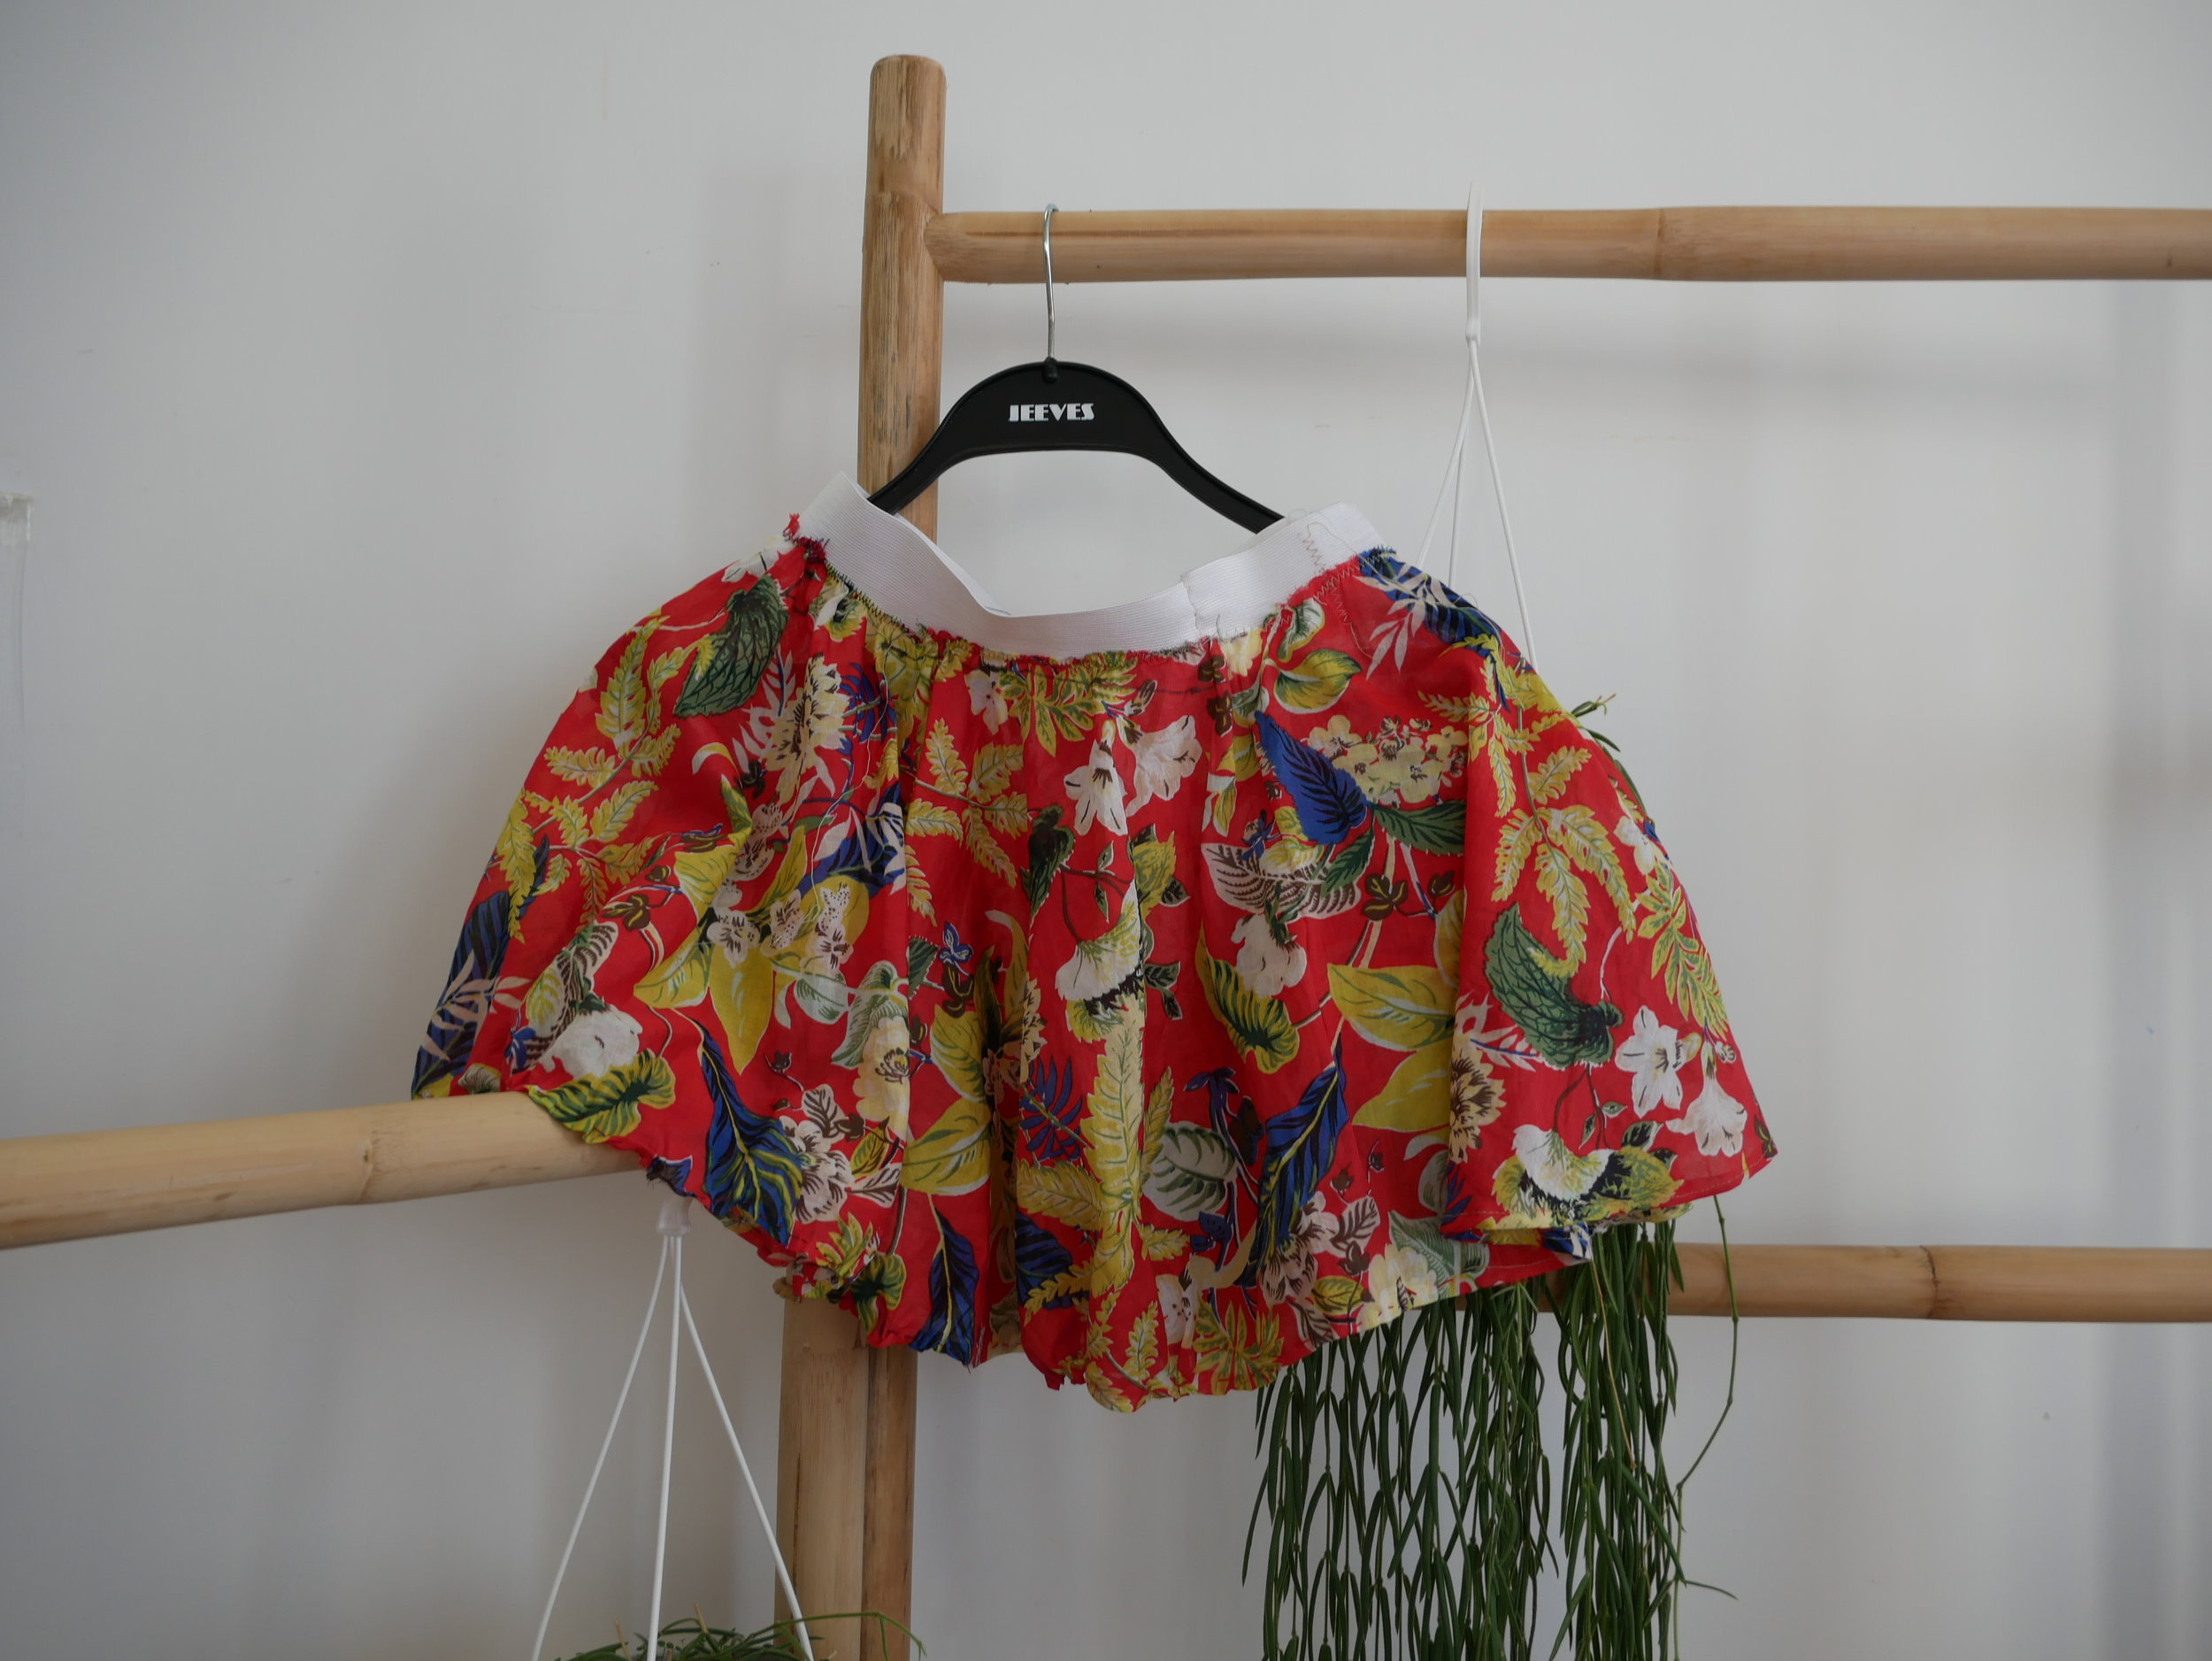 Floral Patterned Skirt  by Eliana Giancotti  HK$60,000